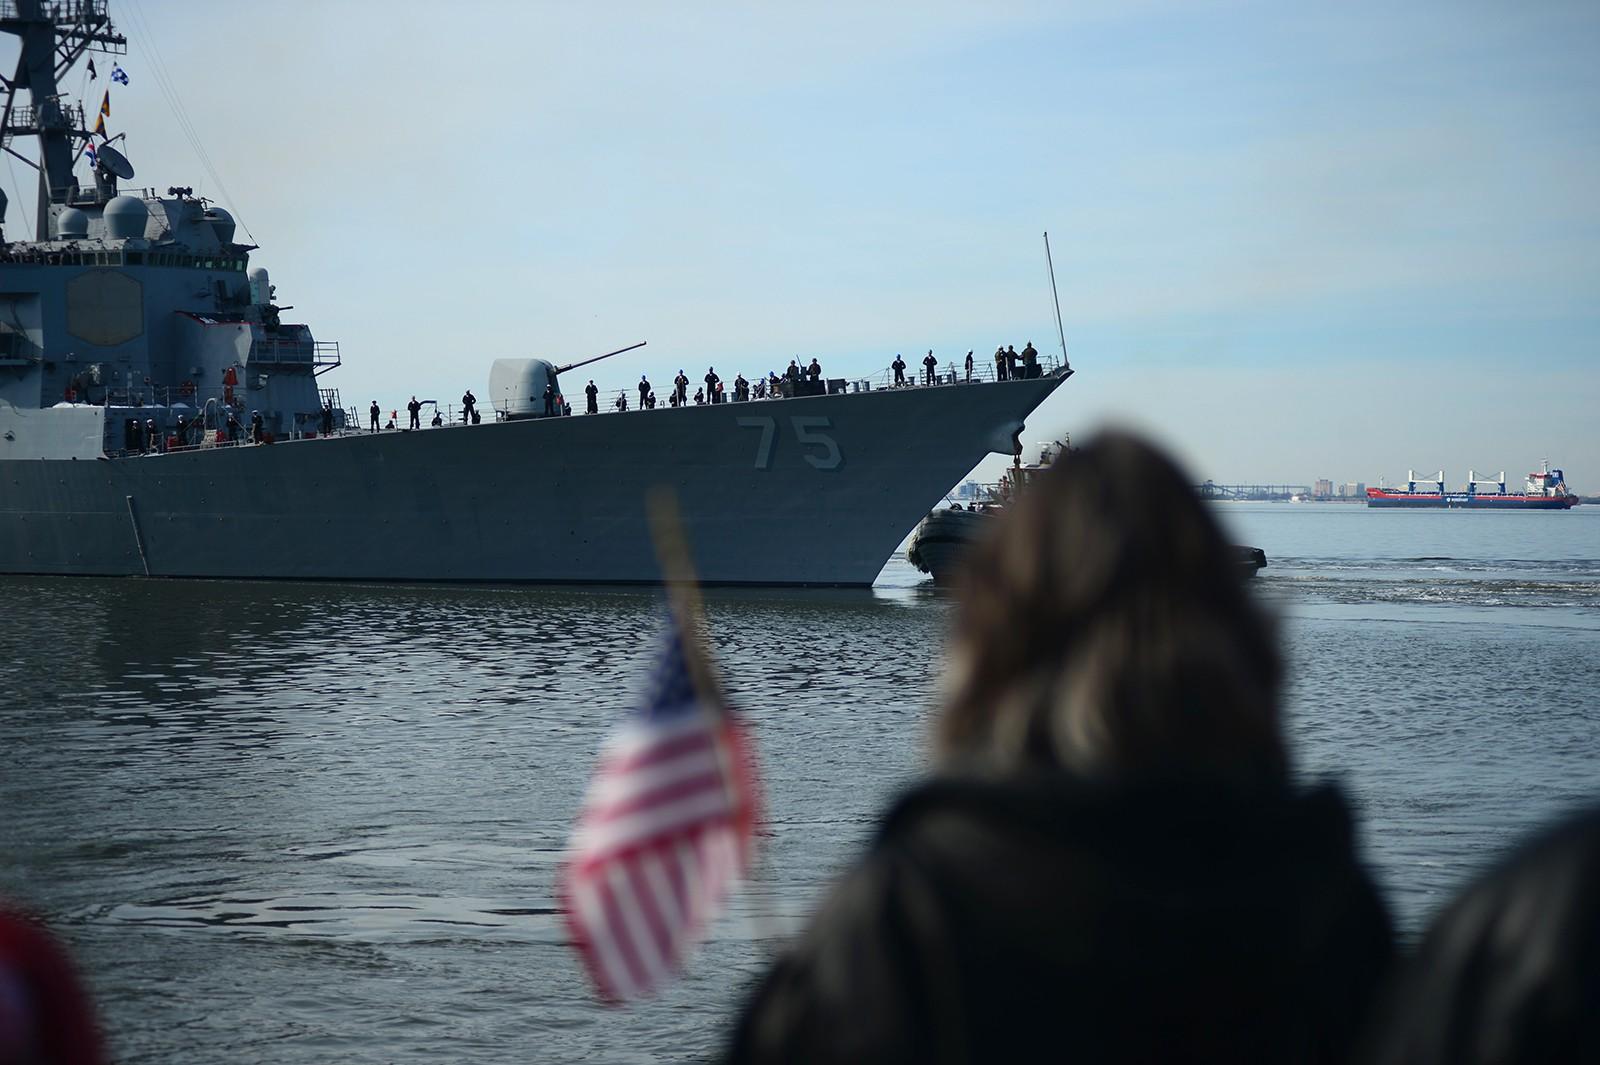 유럽으로 떠난 미 해군의 첫번째 BMD 구축함